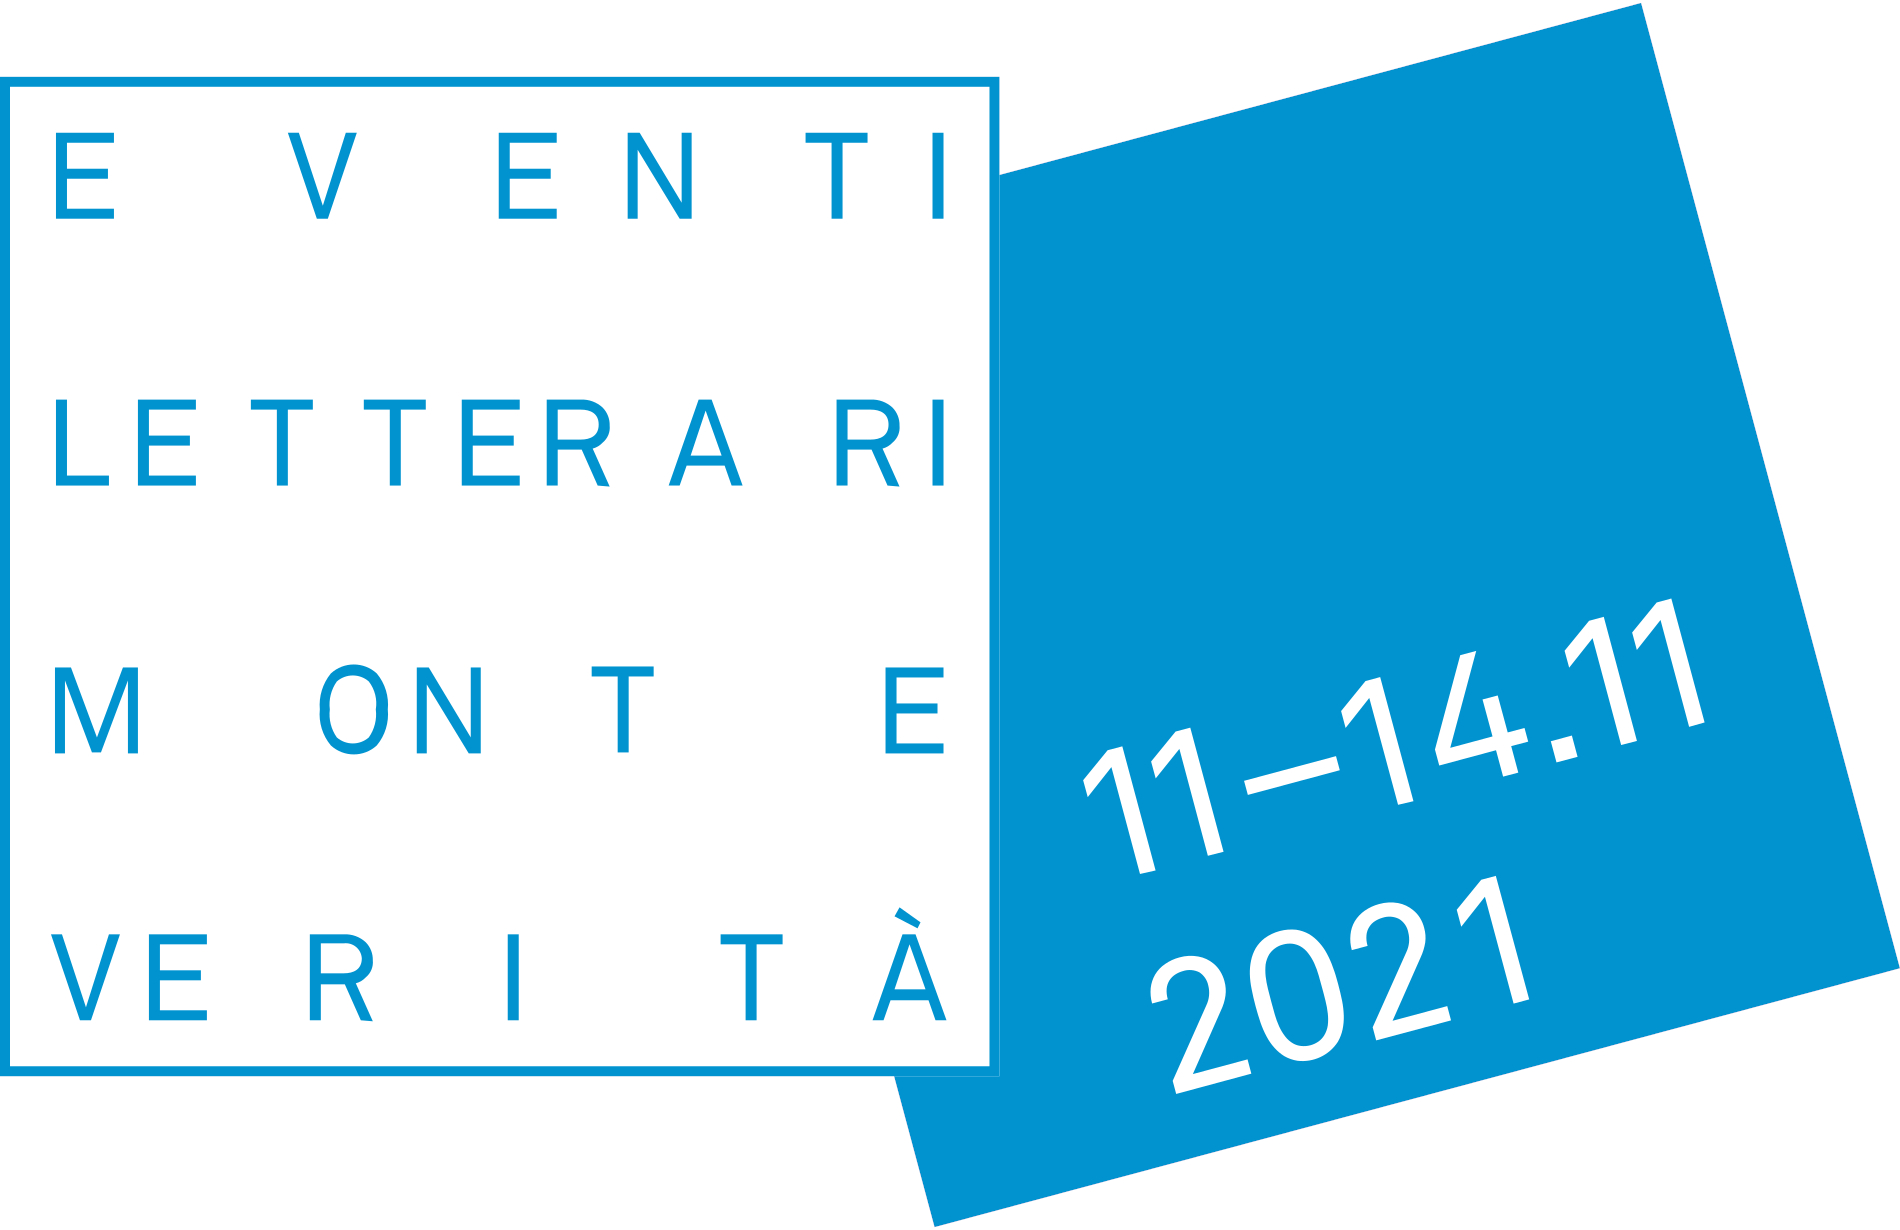 Eventi letterari Monte Verità 2021